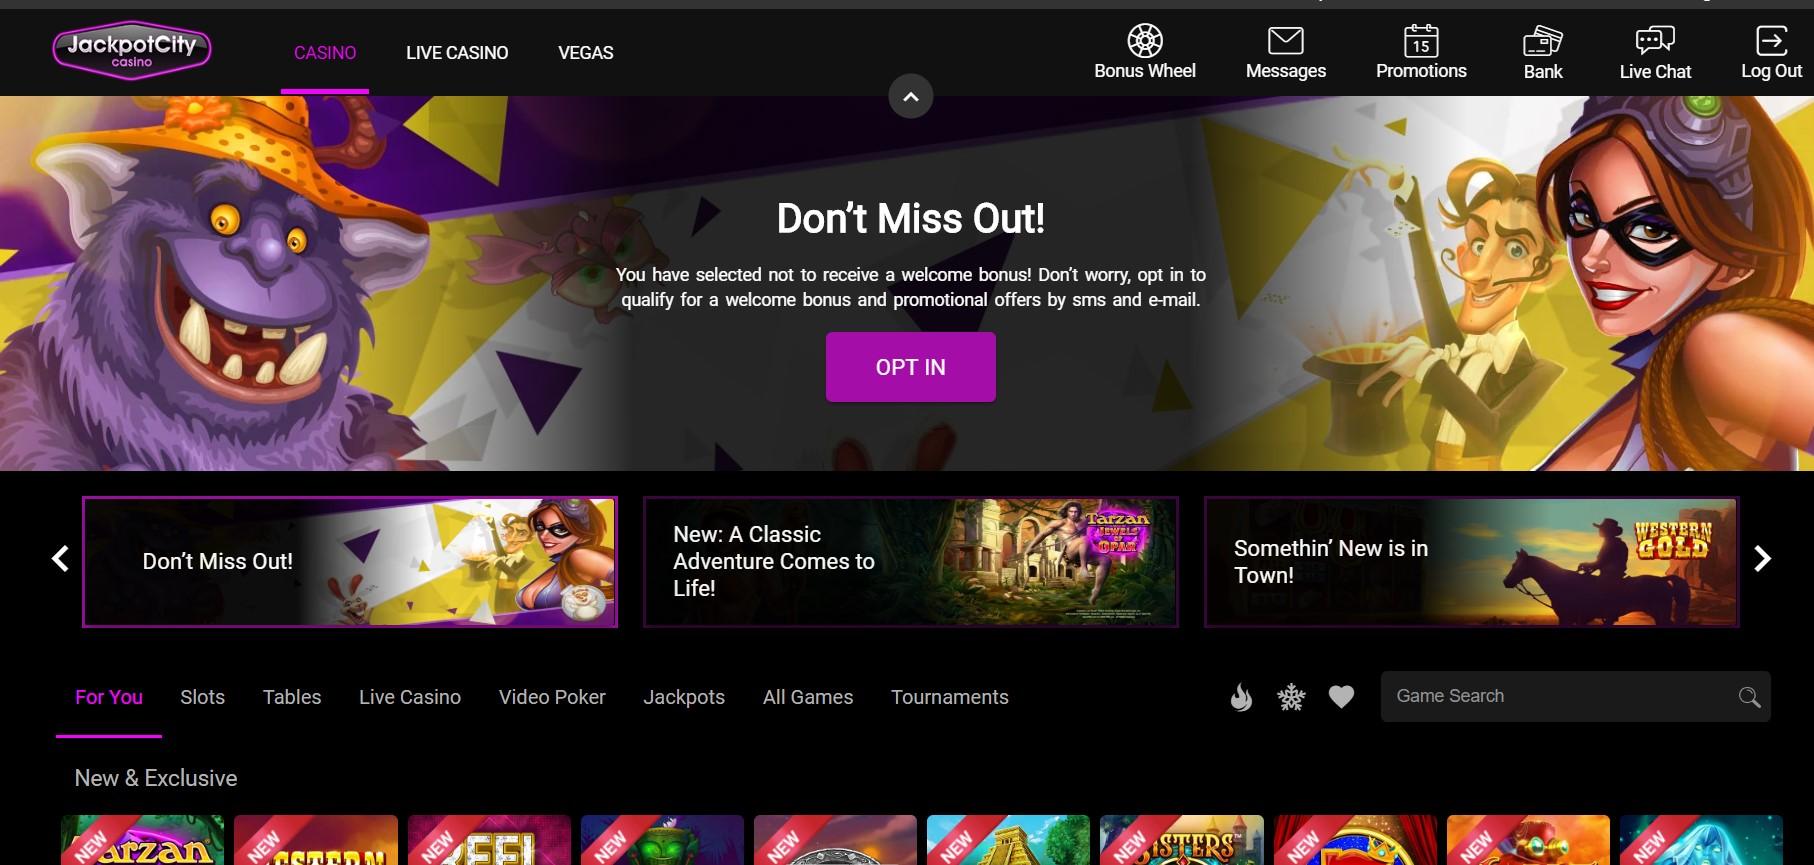 Jackpotcity Casino start page